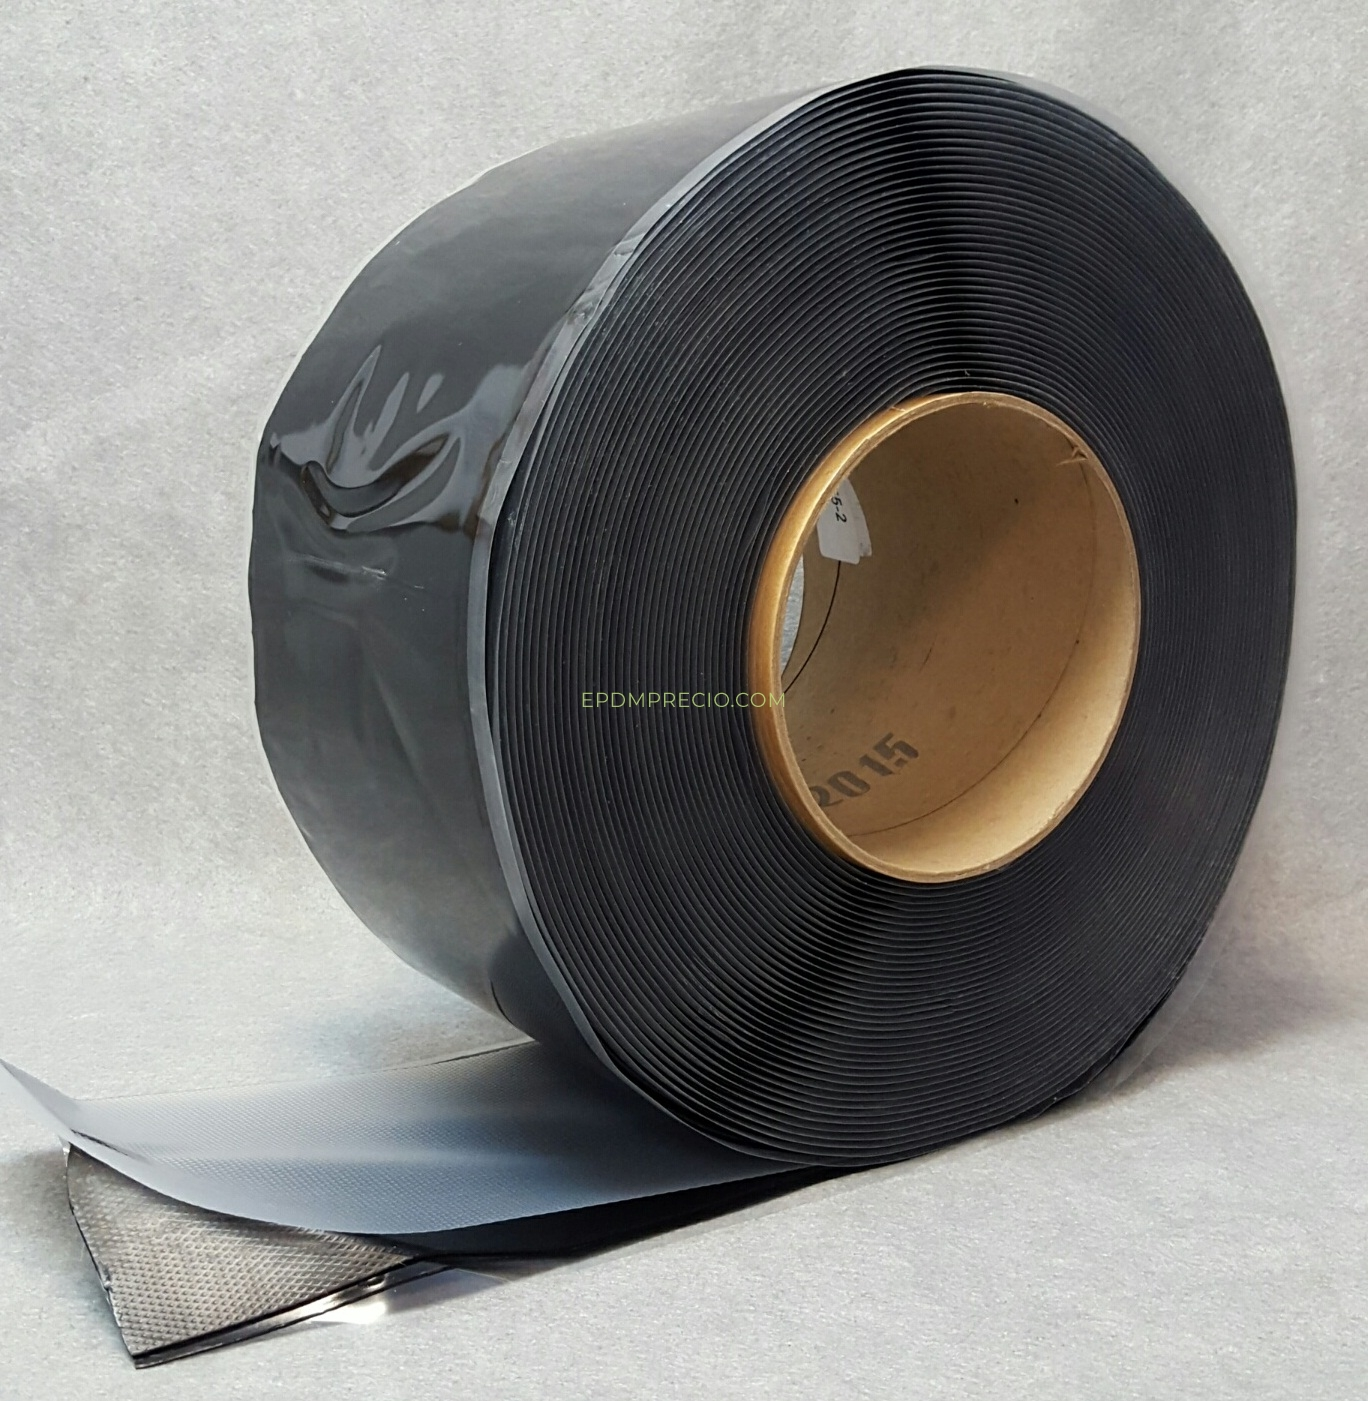 Precio rollo tela asfaltica interesting precio rollo tela - Rollo tela asfaltica ...